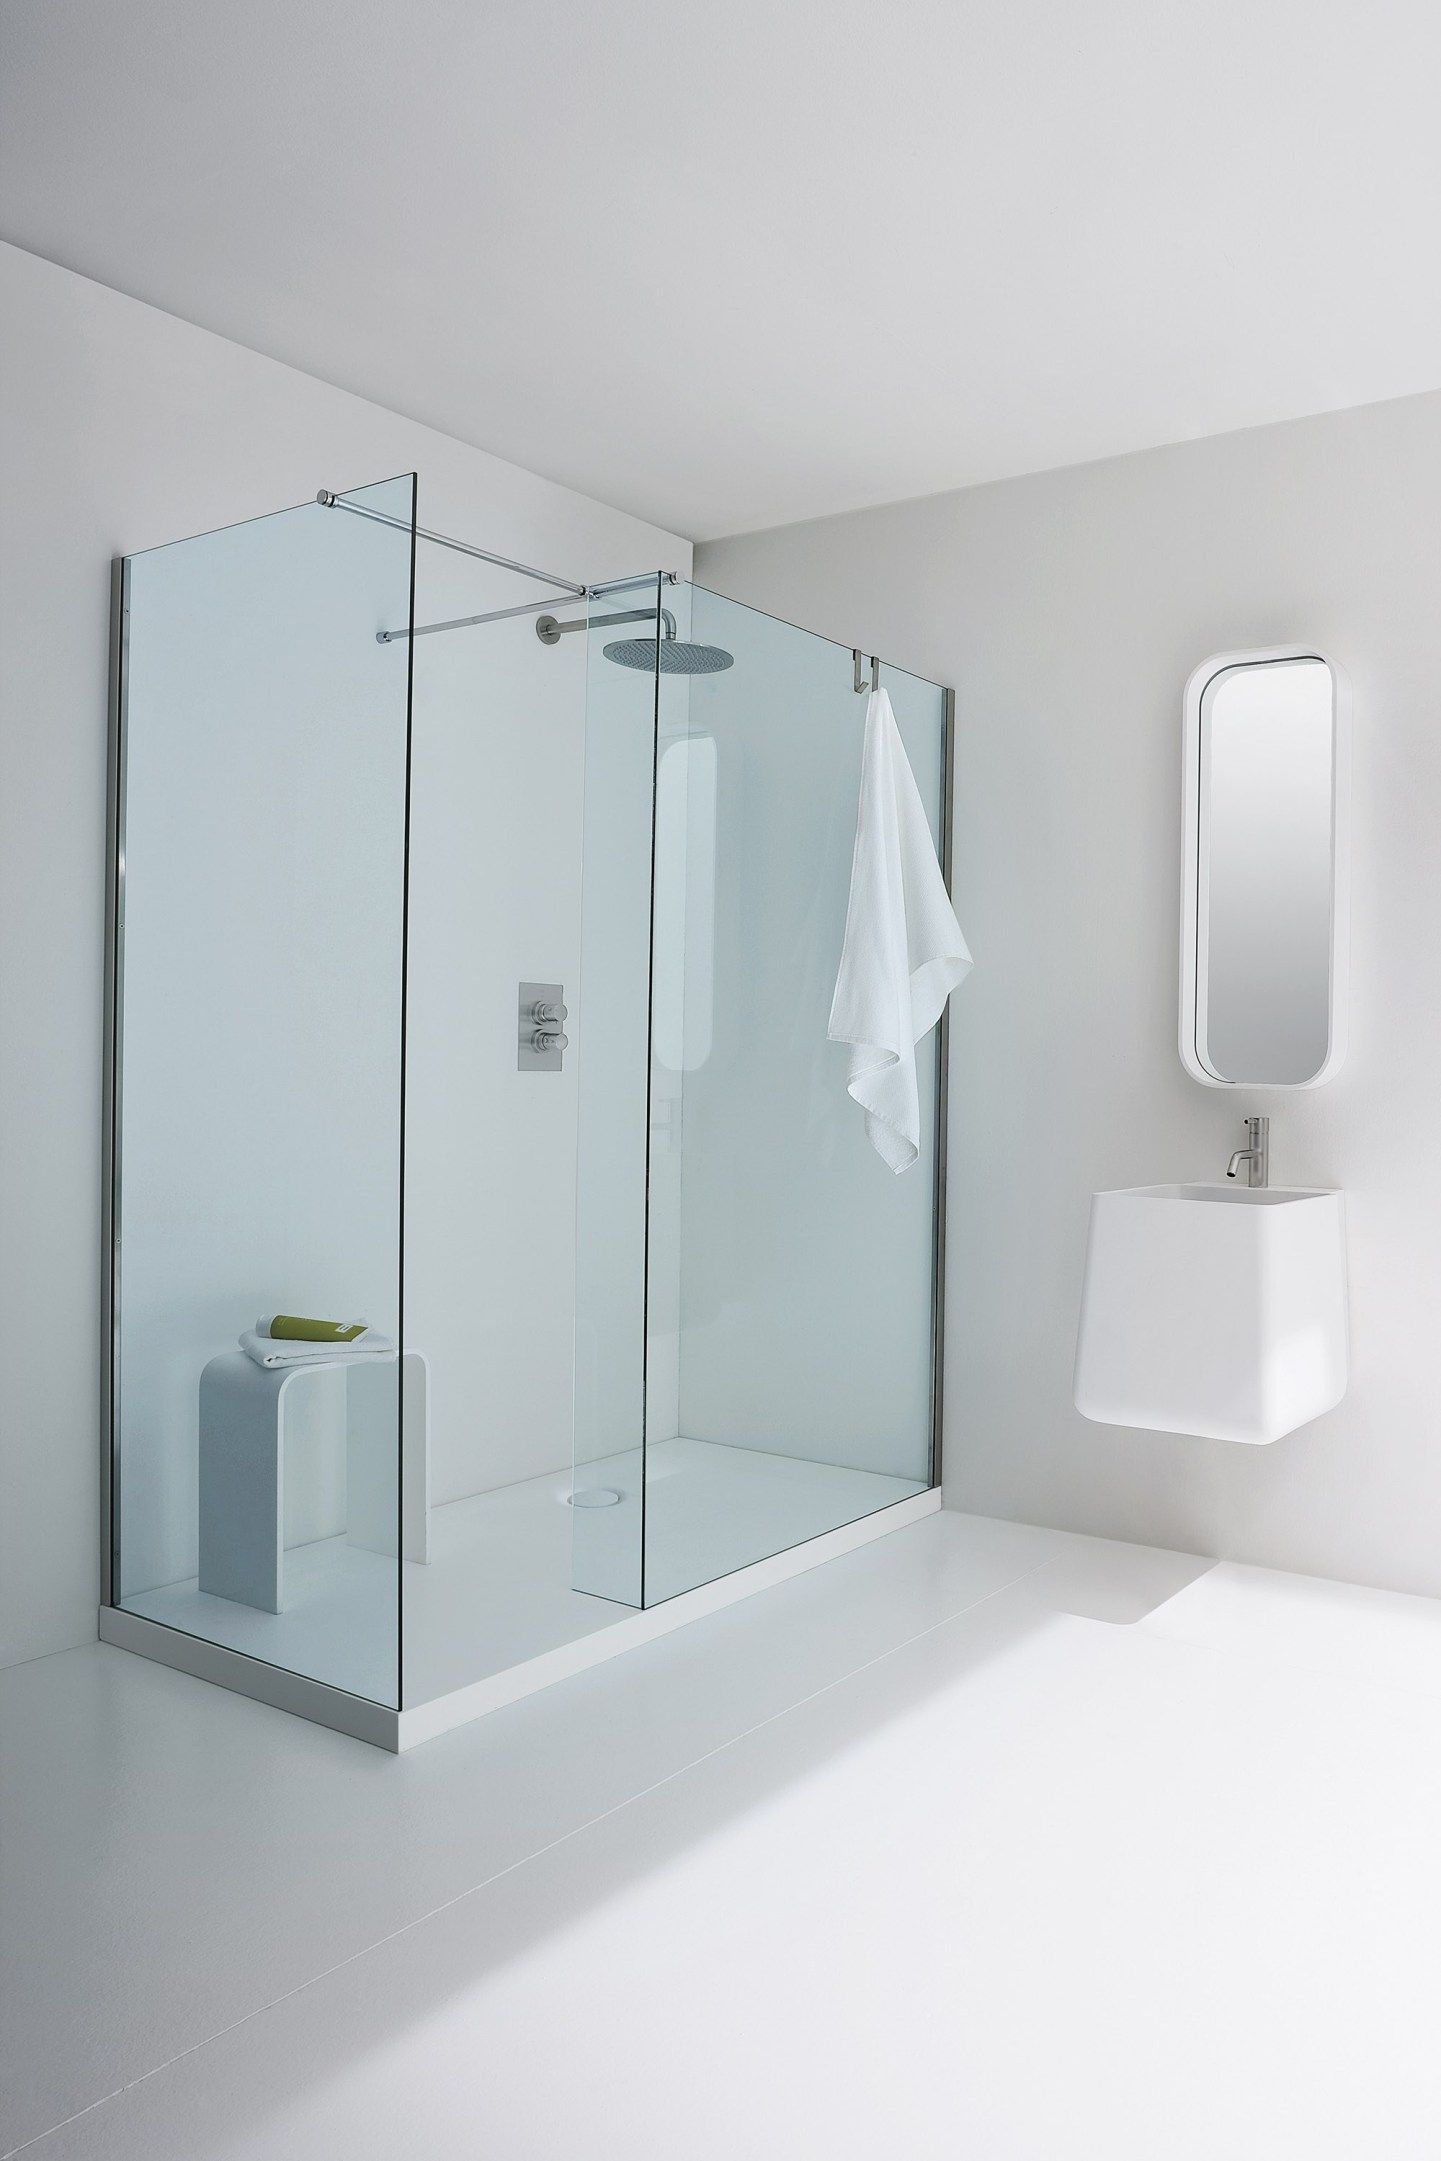 Glass Shower Door Robe Hooks Bathroom Ideas Pinterest Shower